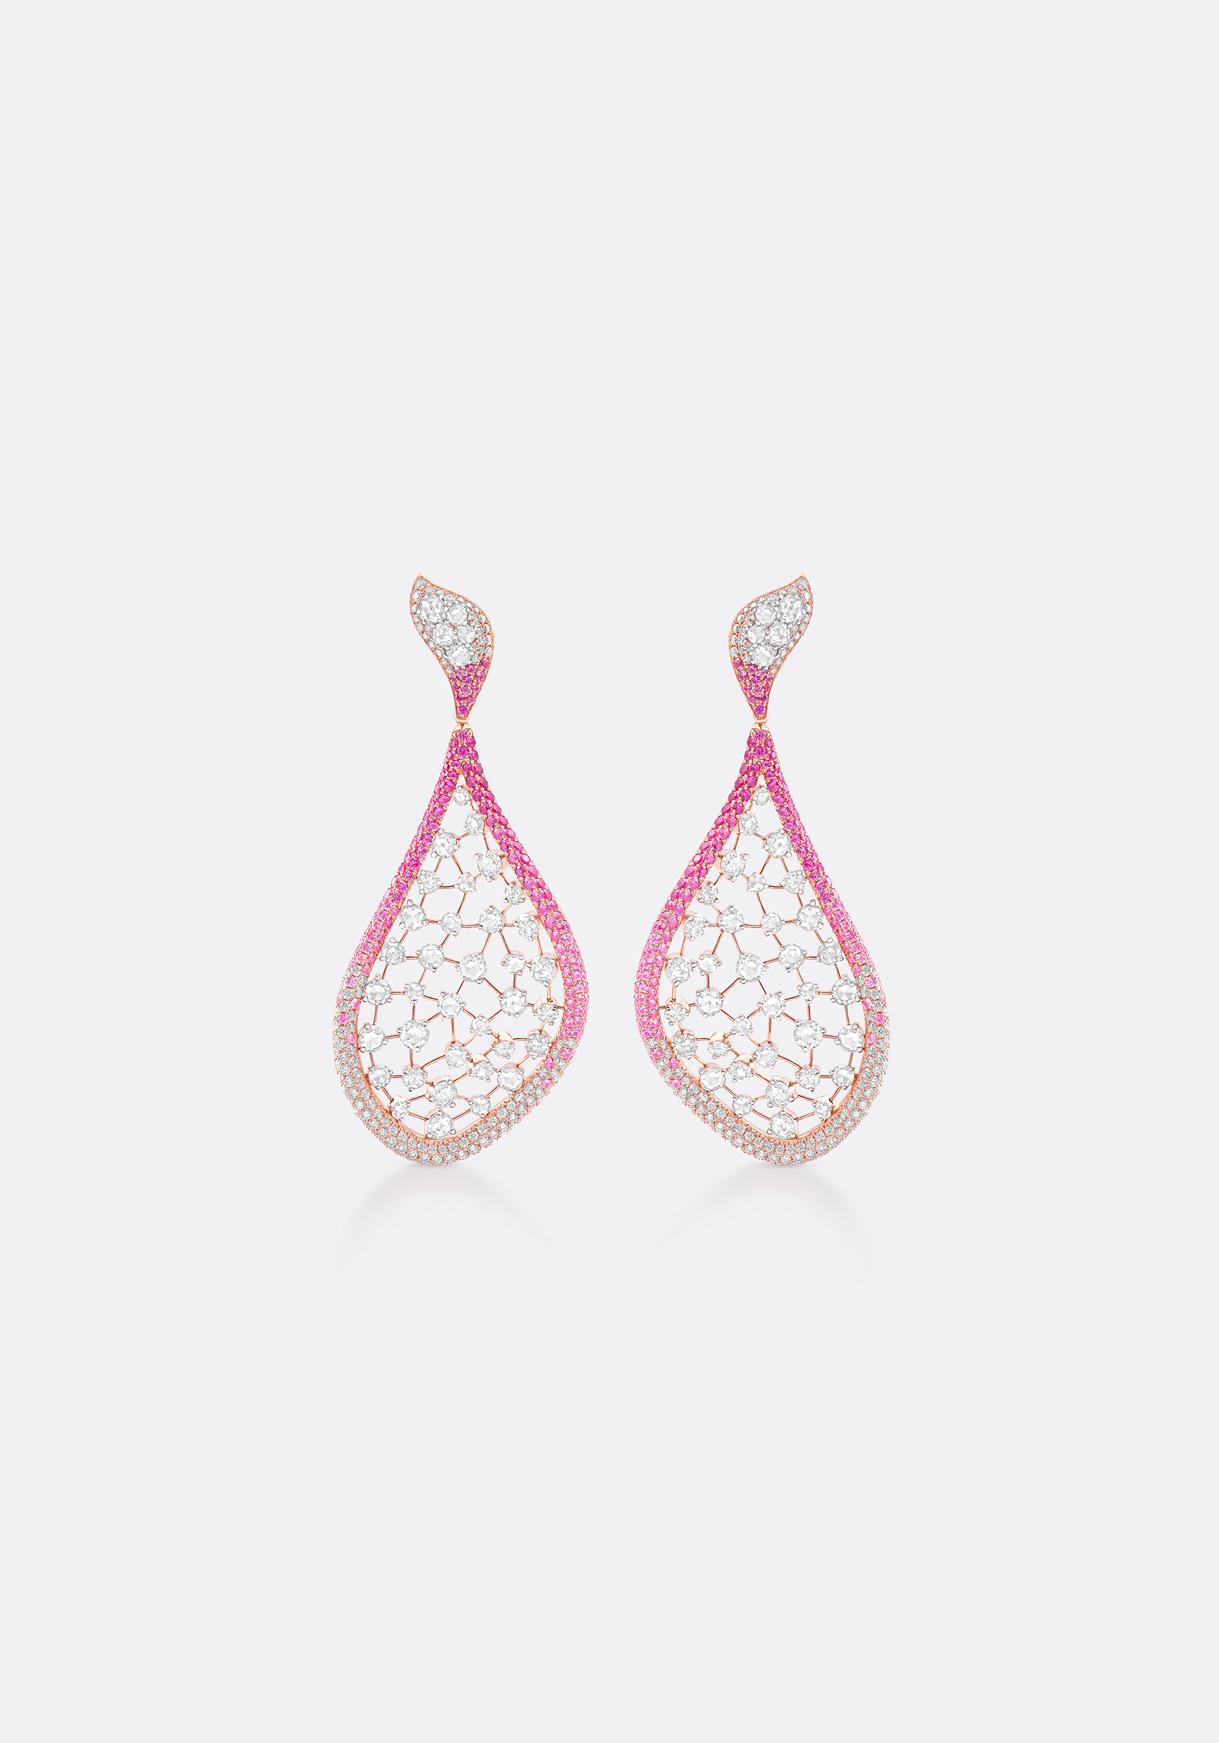 Earrings - splashes of colour evoke joy.